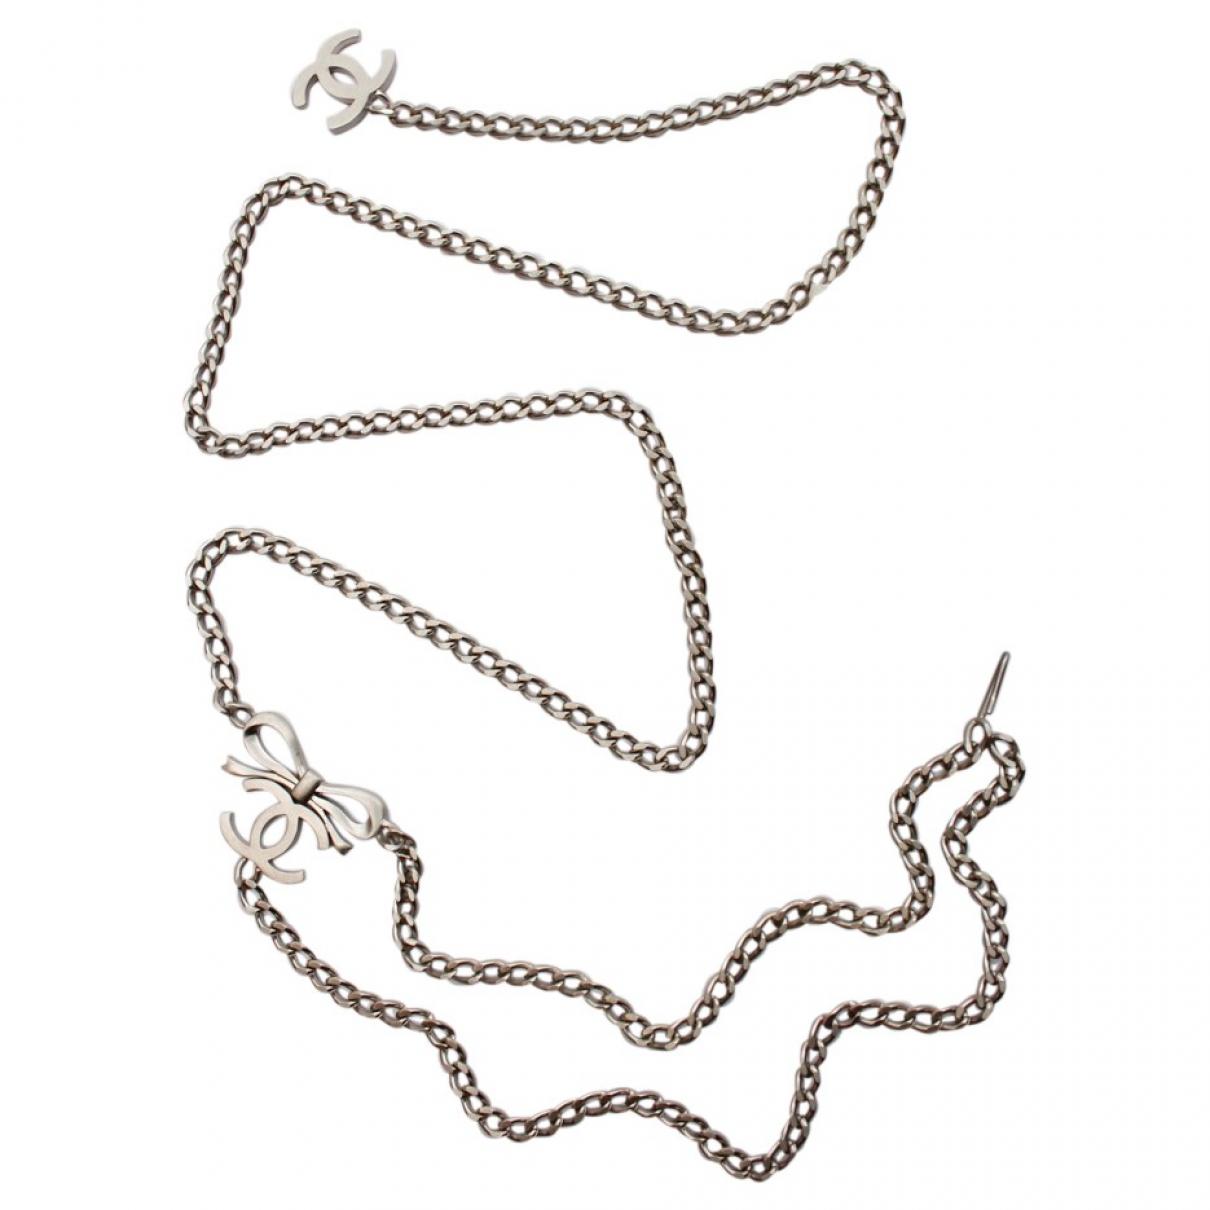 Chanel \N Silver Metal belt for Women 90 cm